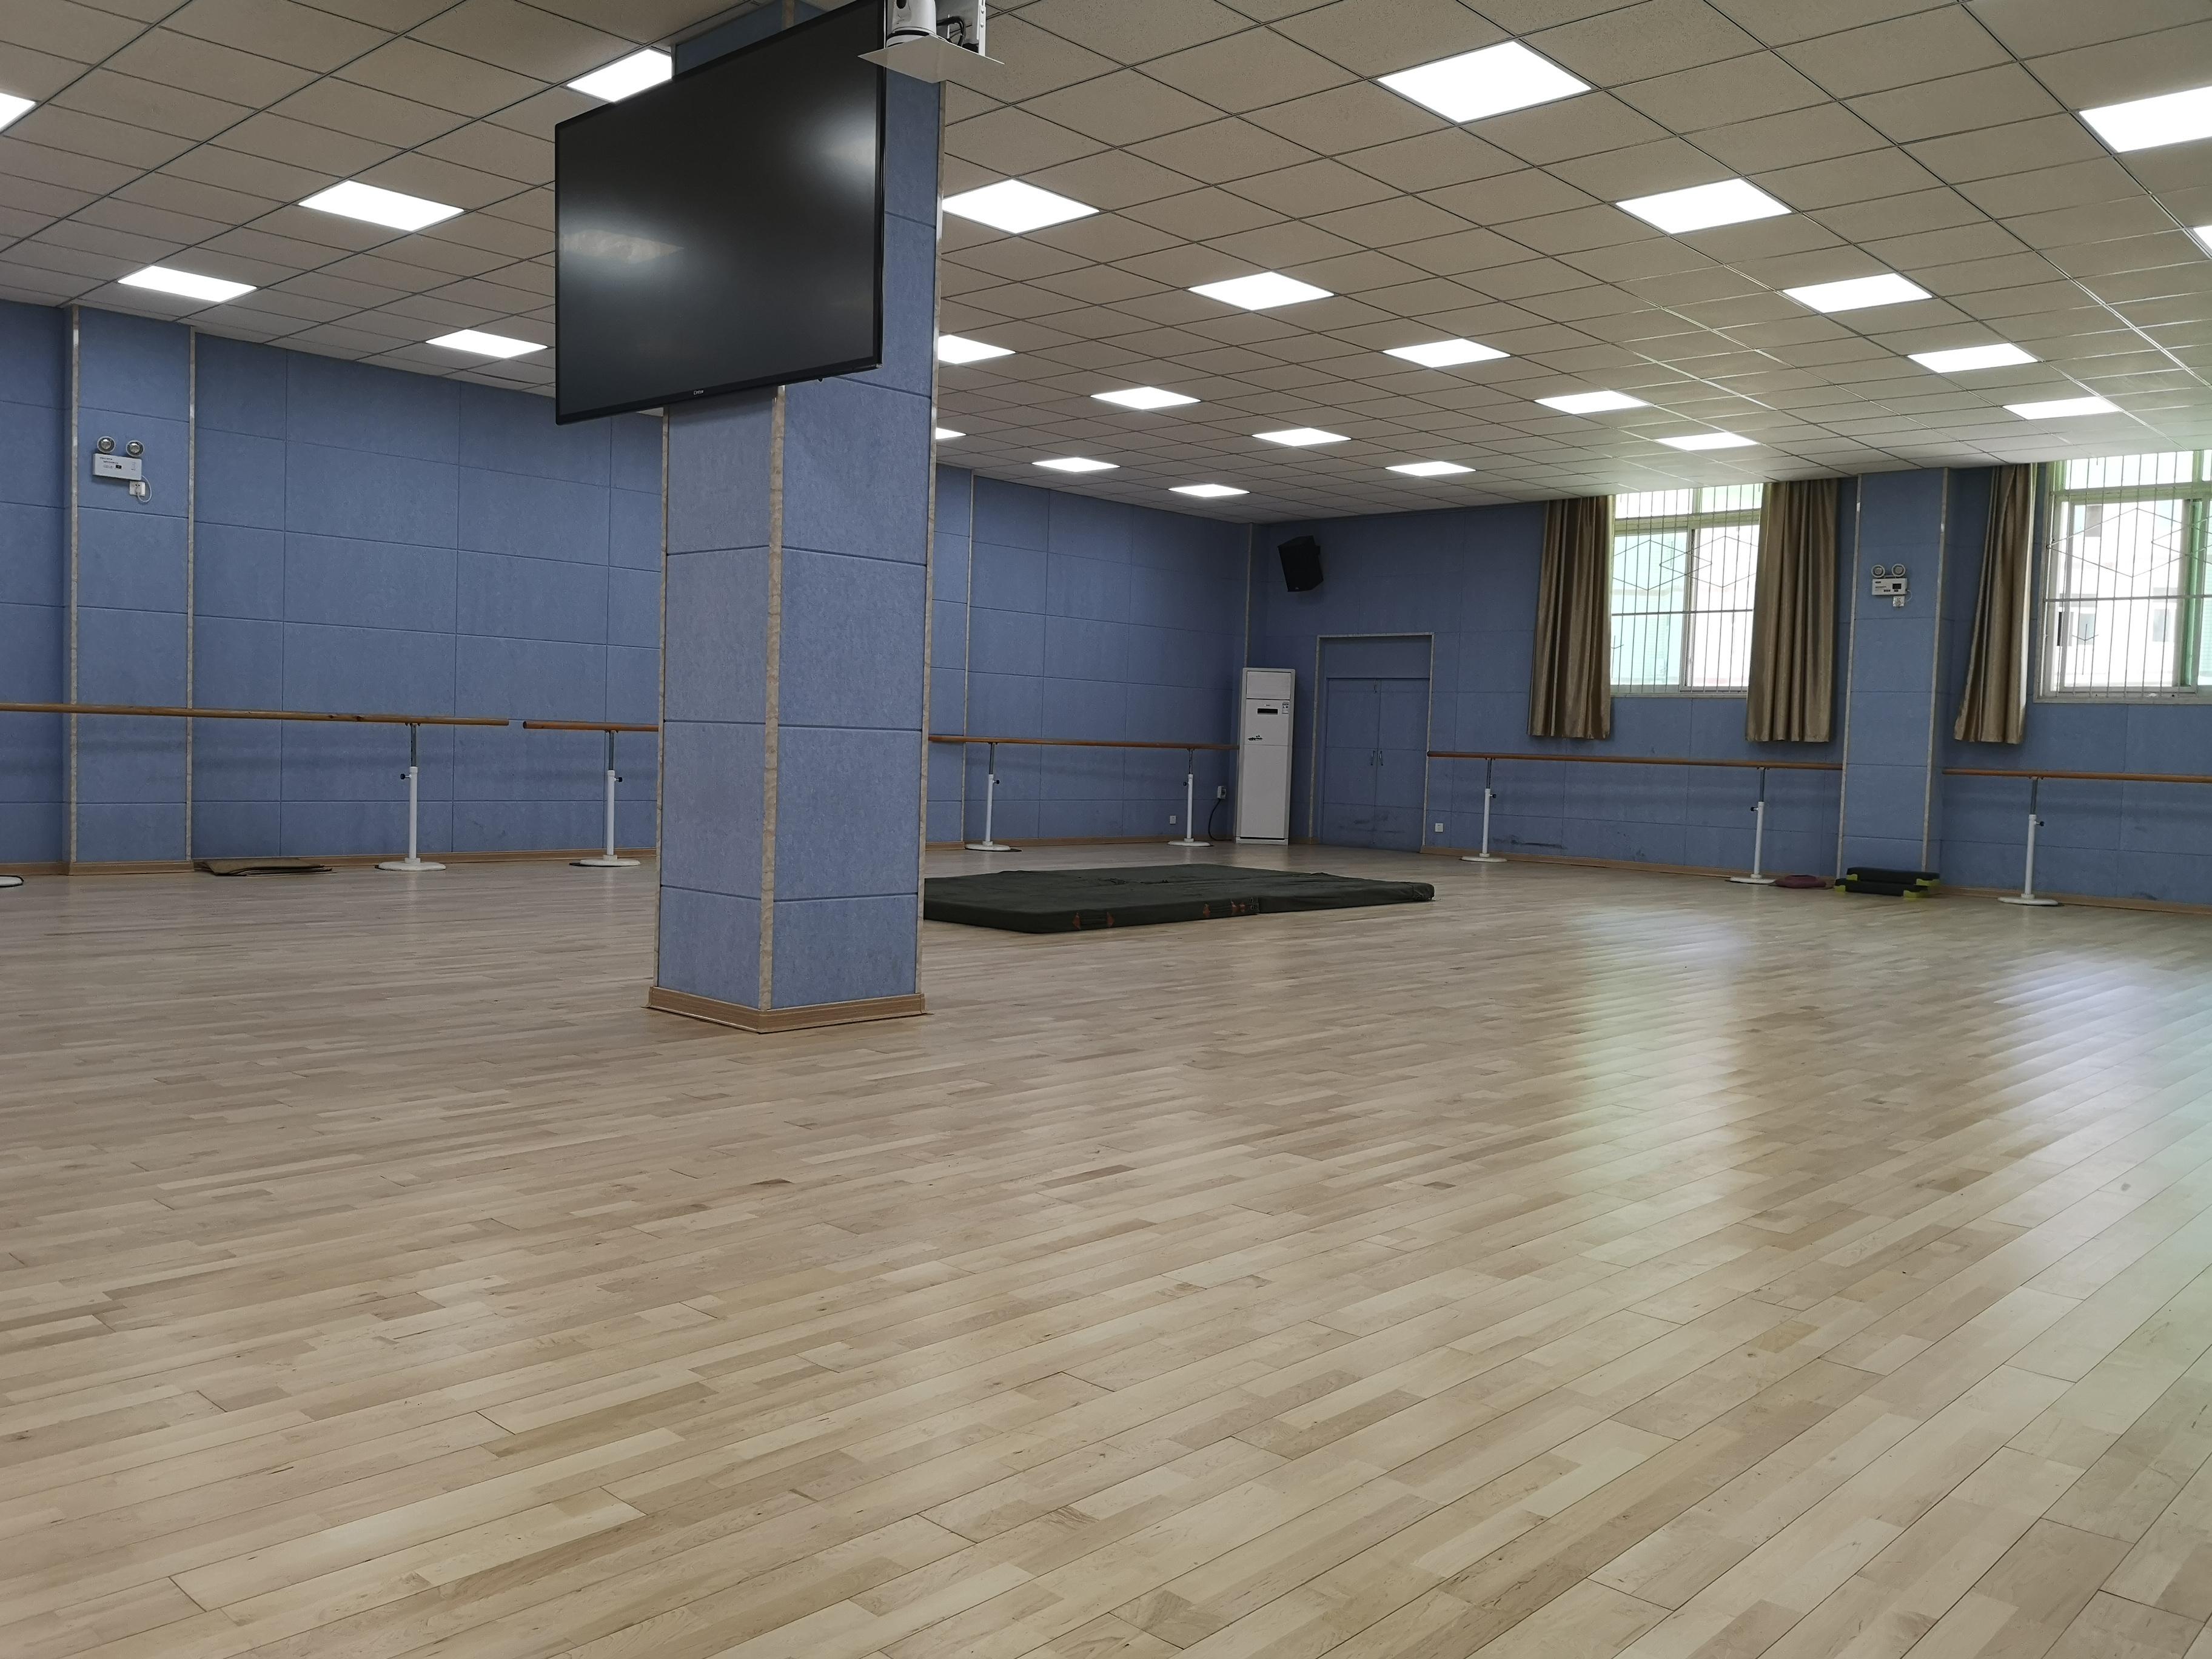 舞蹈教室是采用用PVC地板,还是选择实木运动地板呢